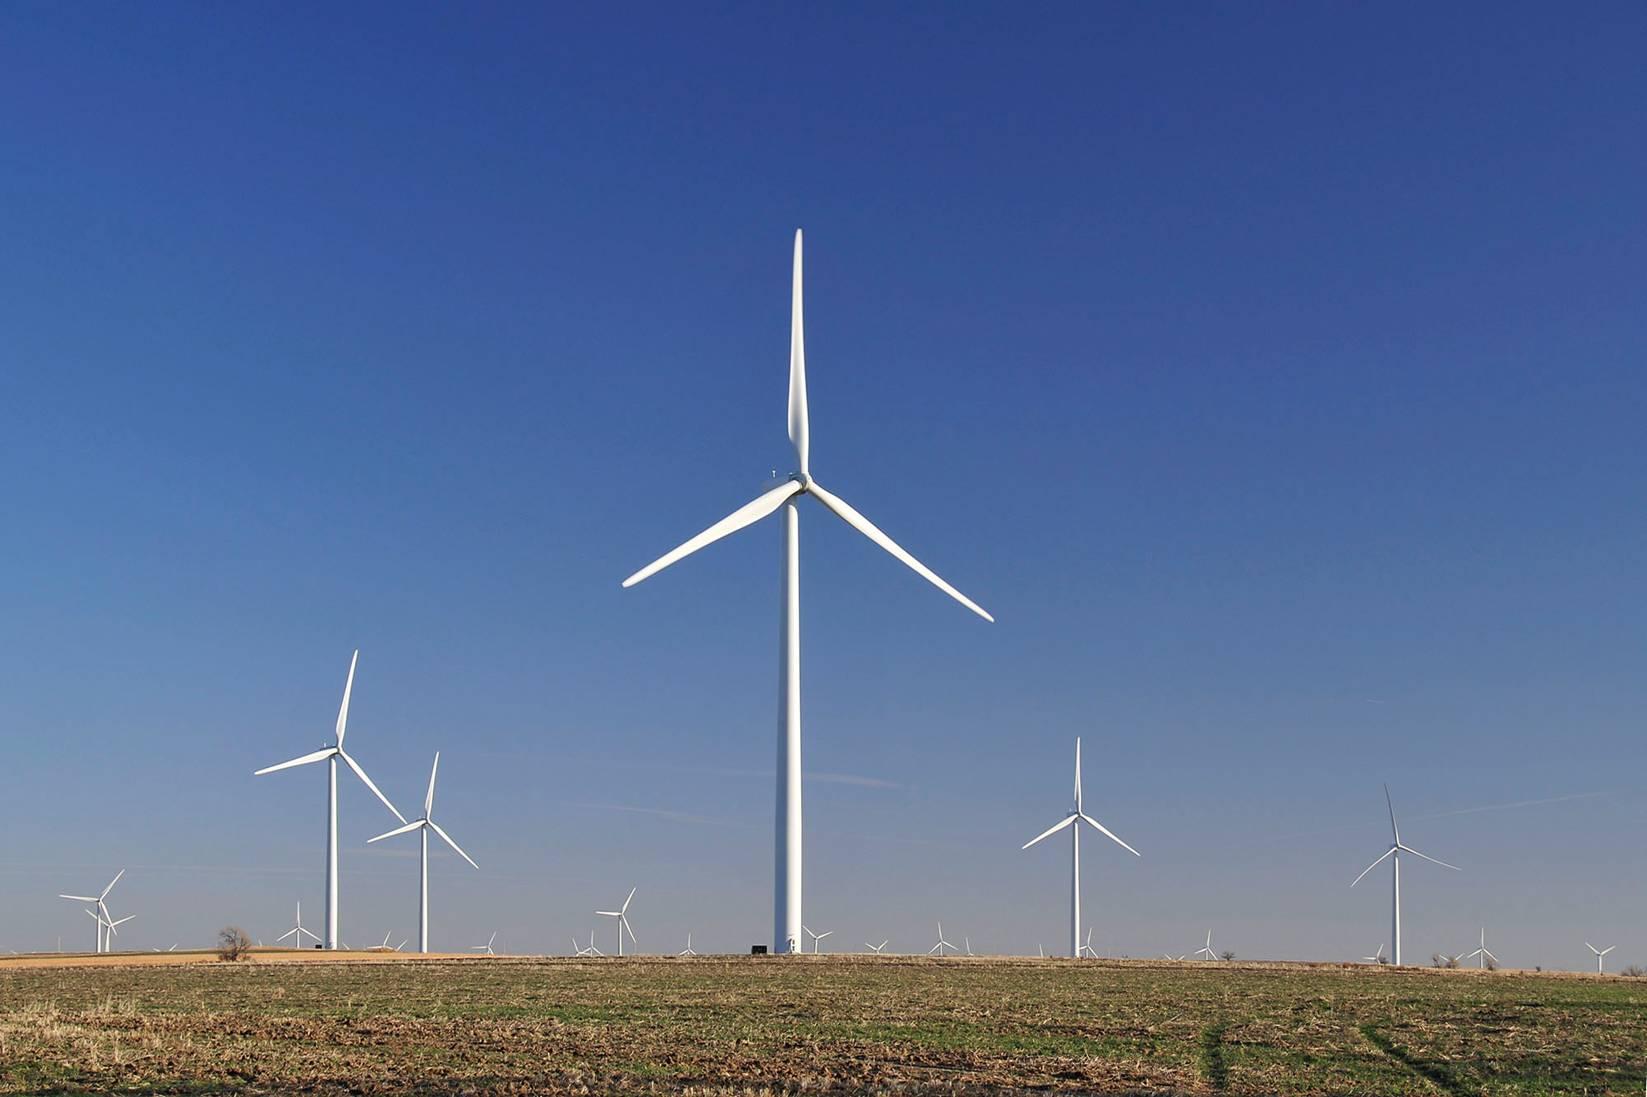 Post Rock wind farm